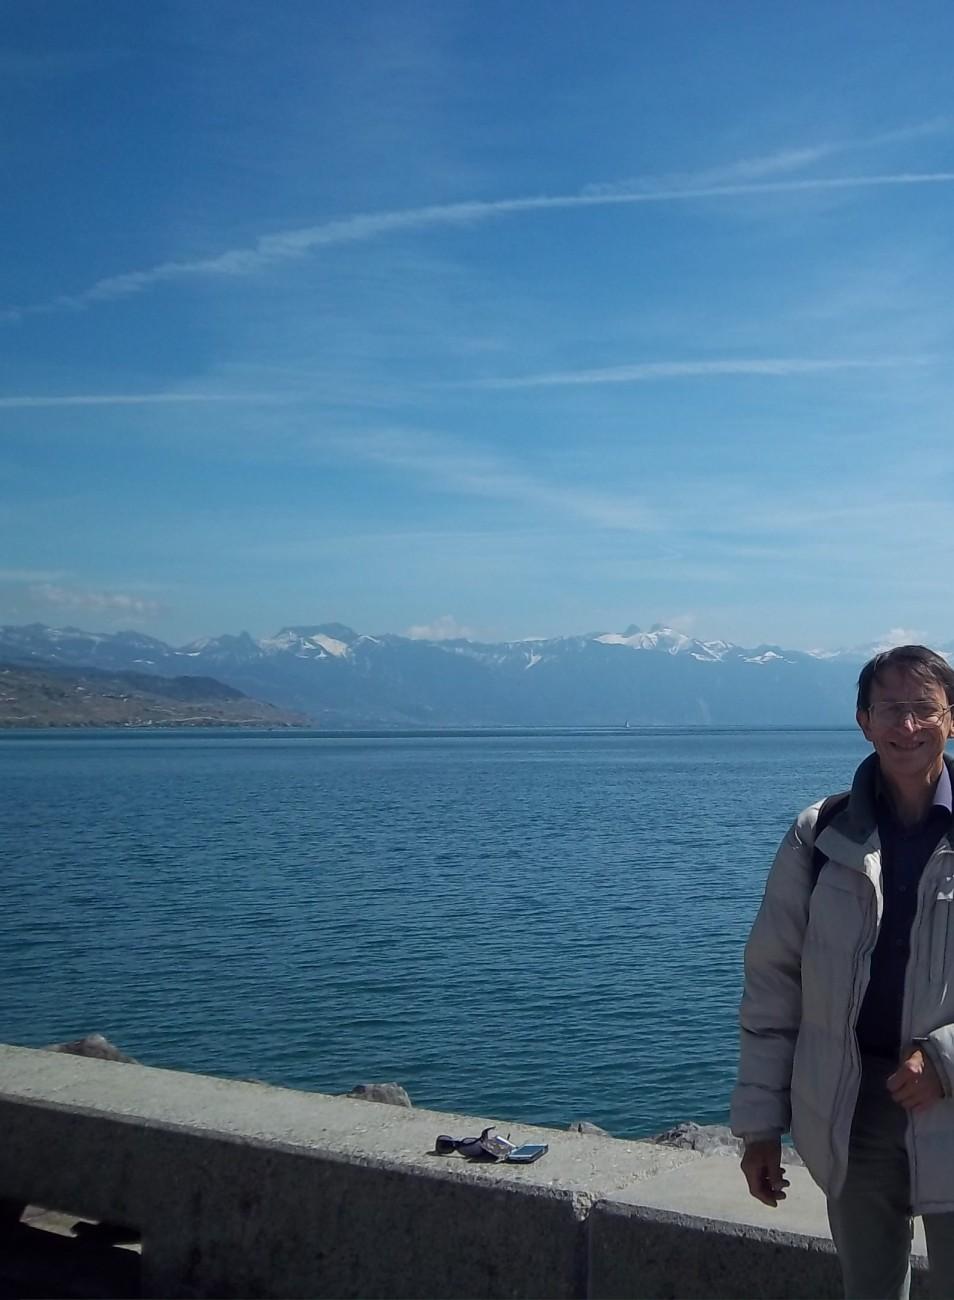 Patrick Huet devant le lac Léman